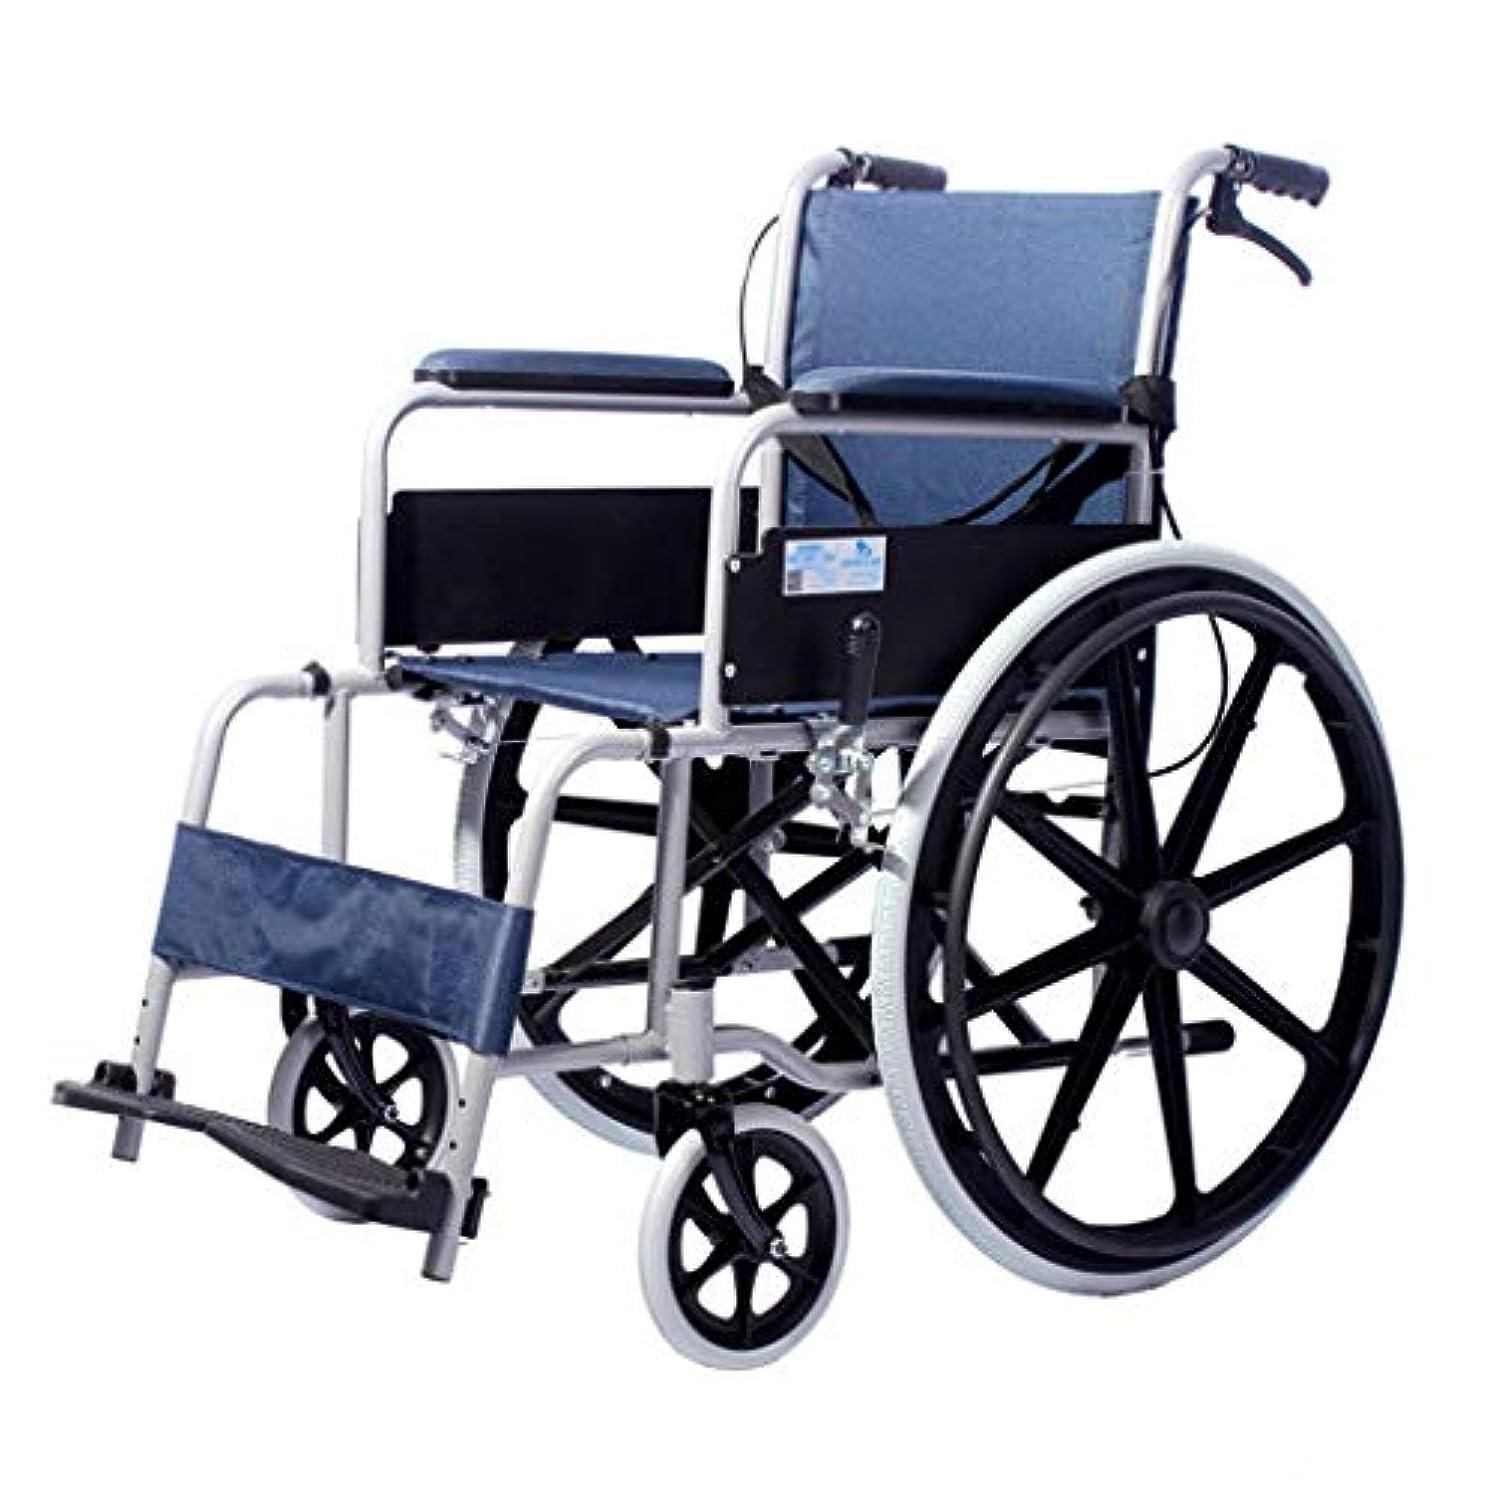 容疑者決定カートン車椅子用トロリーは高齢者に適し、身体障害者用です。フットペダルは調整可能です。手動車椅子折りたたみ式デザイン